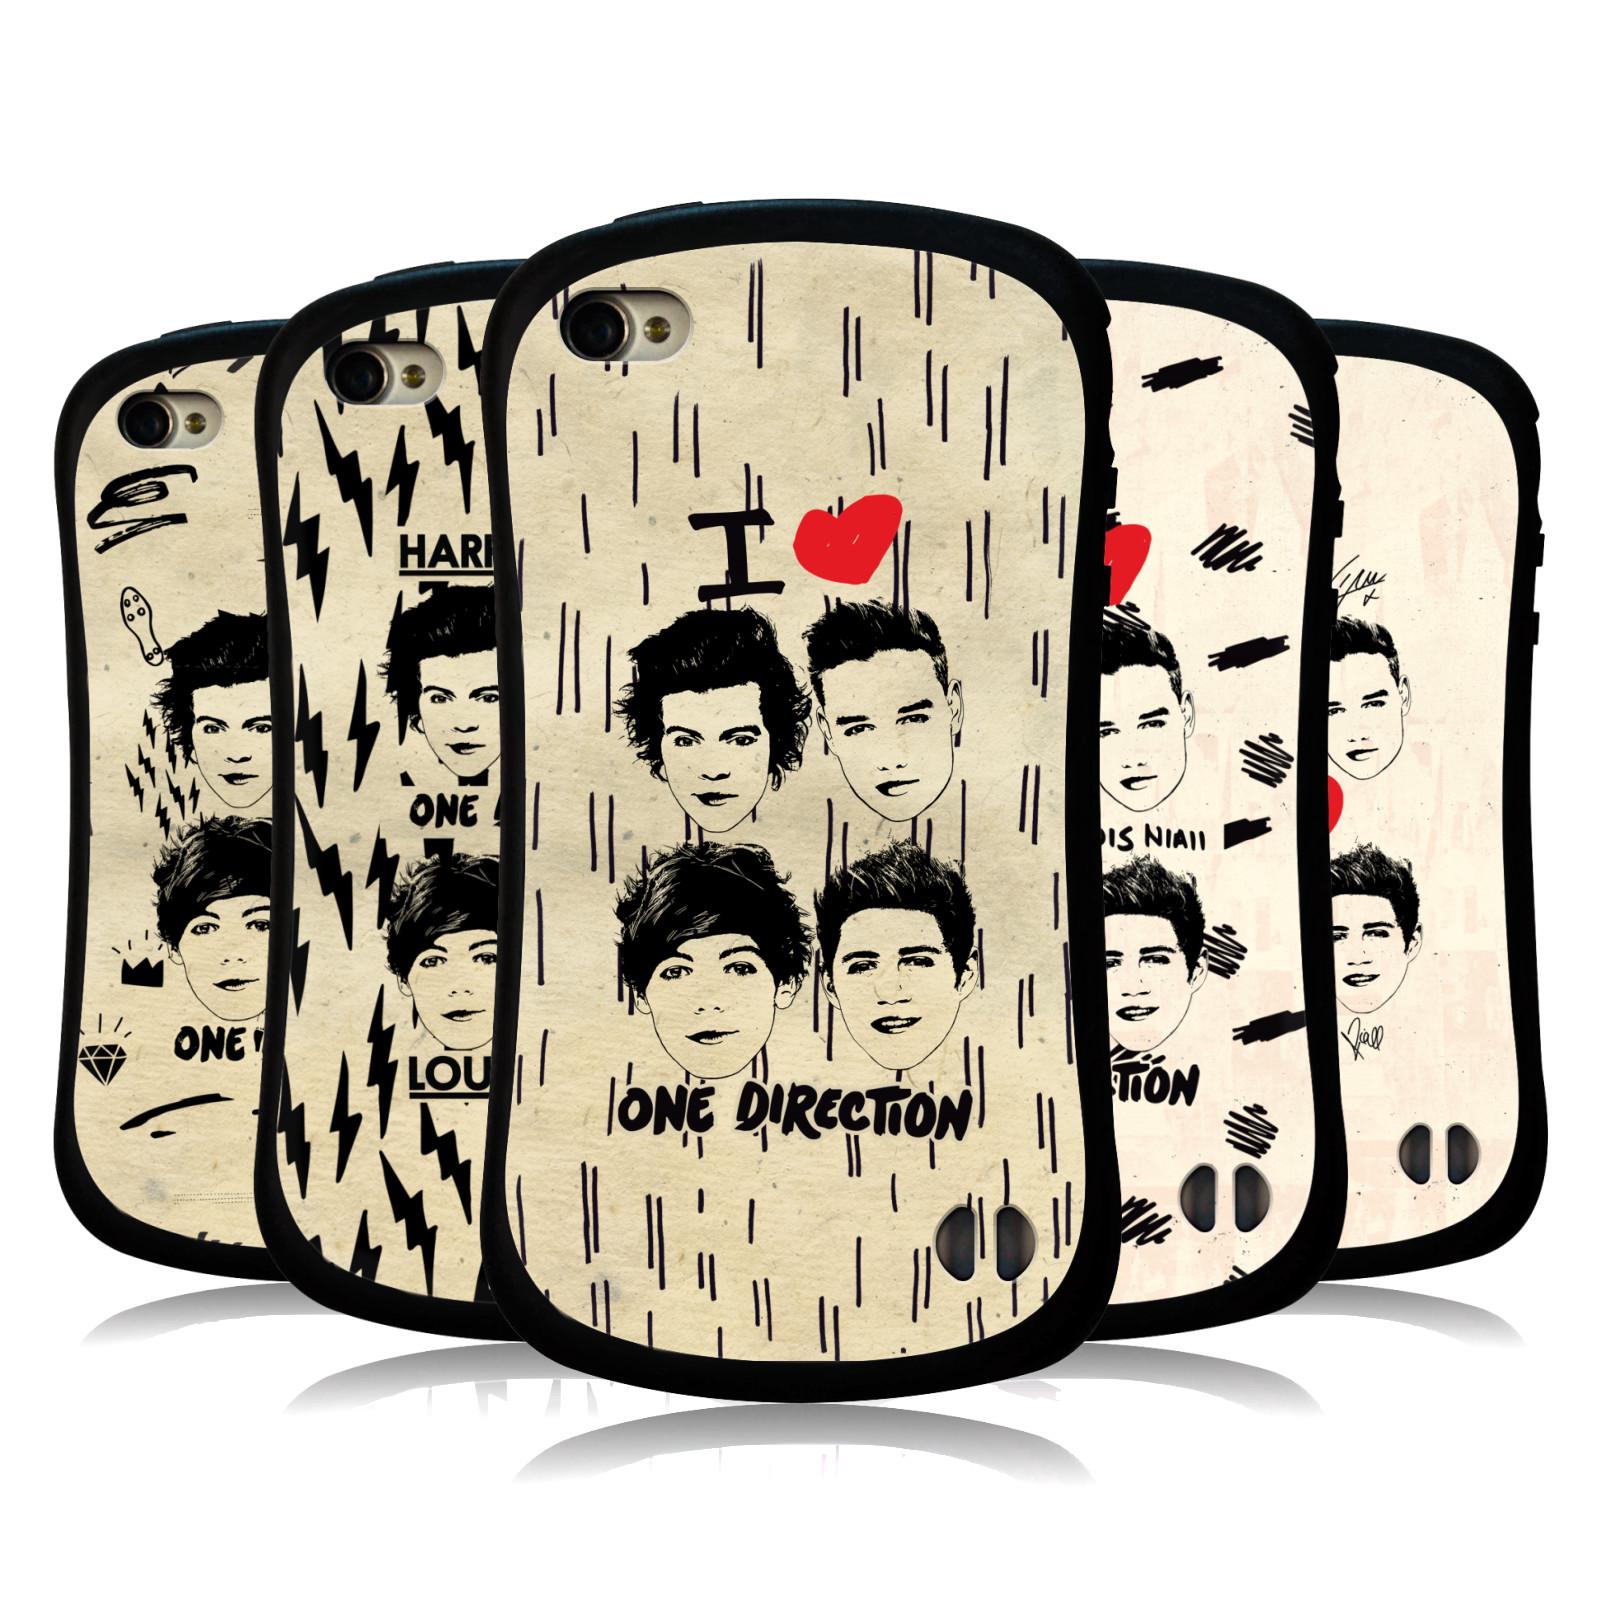 Ufficiale-One-Direction-1D-DOODLE-GUAM-Hybrid-caso-per-Apple-iPhone-4S